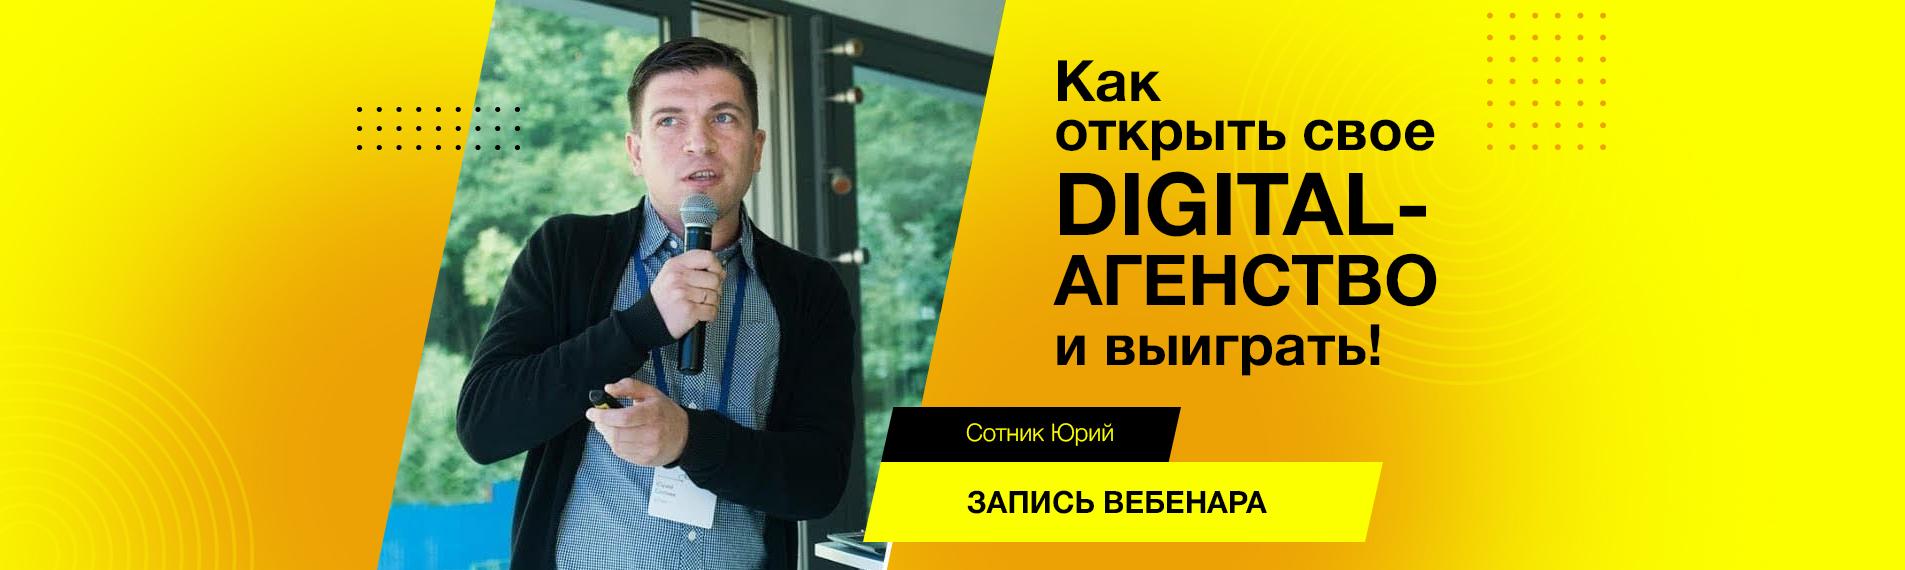 Запись вебинара, как открыть Digital-агентство и выиграть